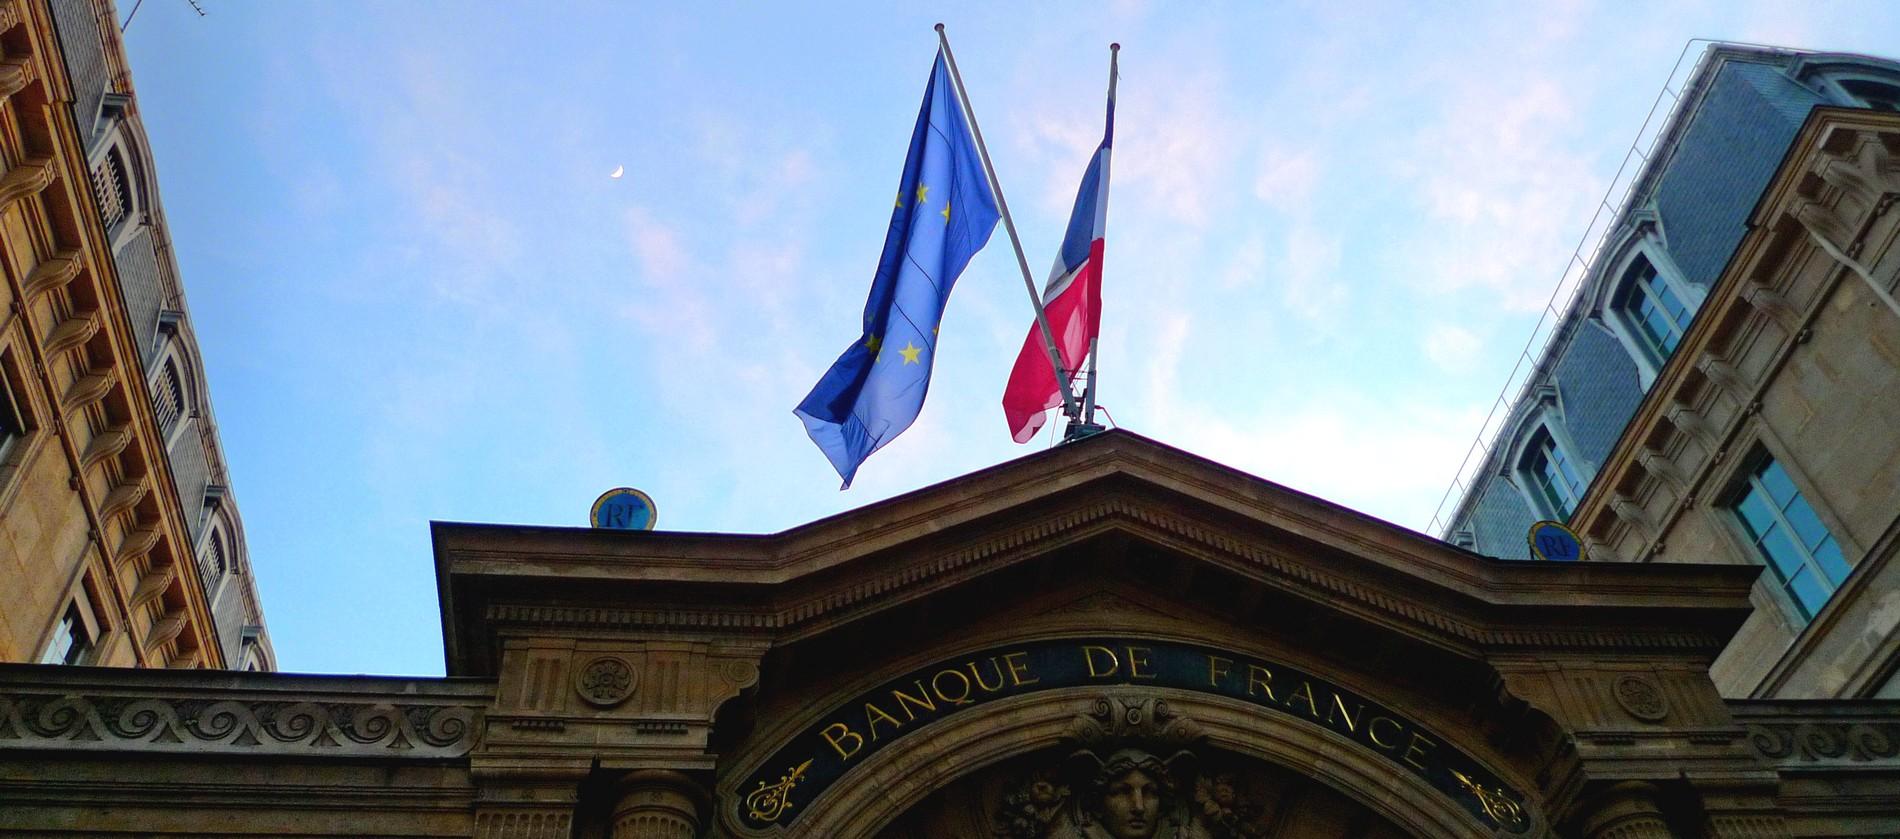 Ouvrir un compte bancaire en France pour un non résident : comment procéder ?